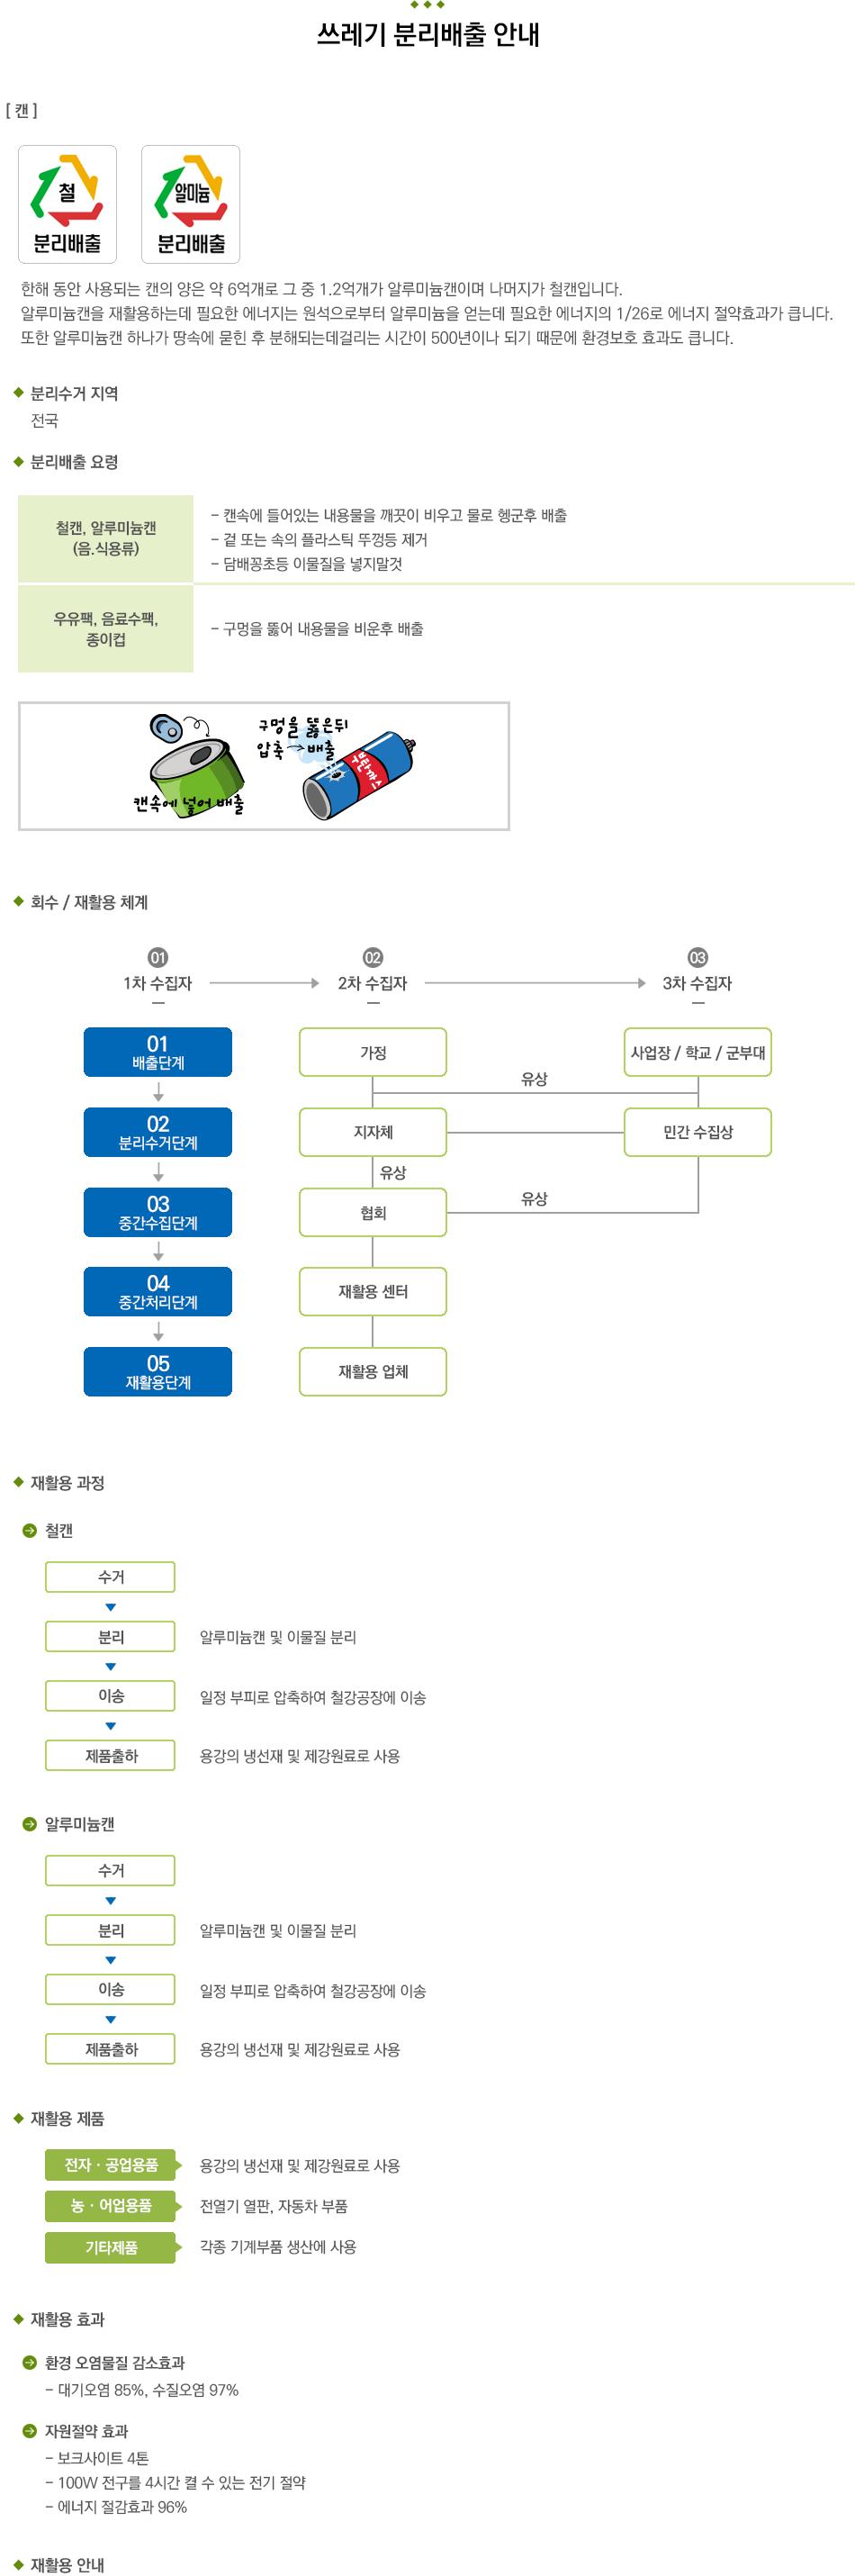 쓰레기분리배출_4캔.png